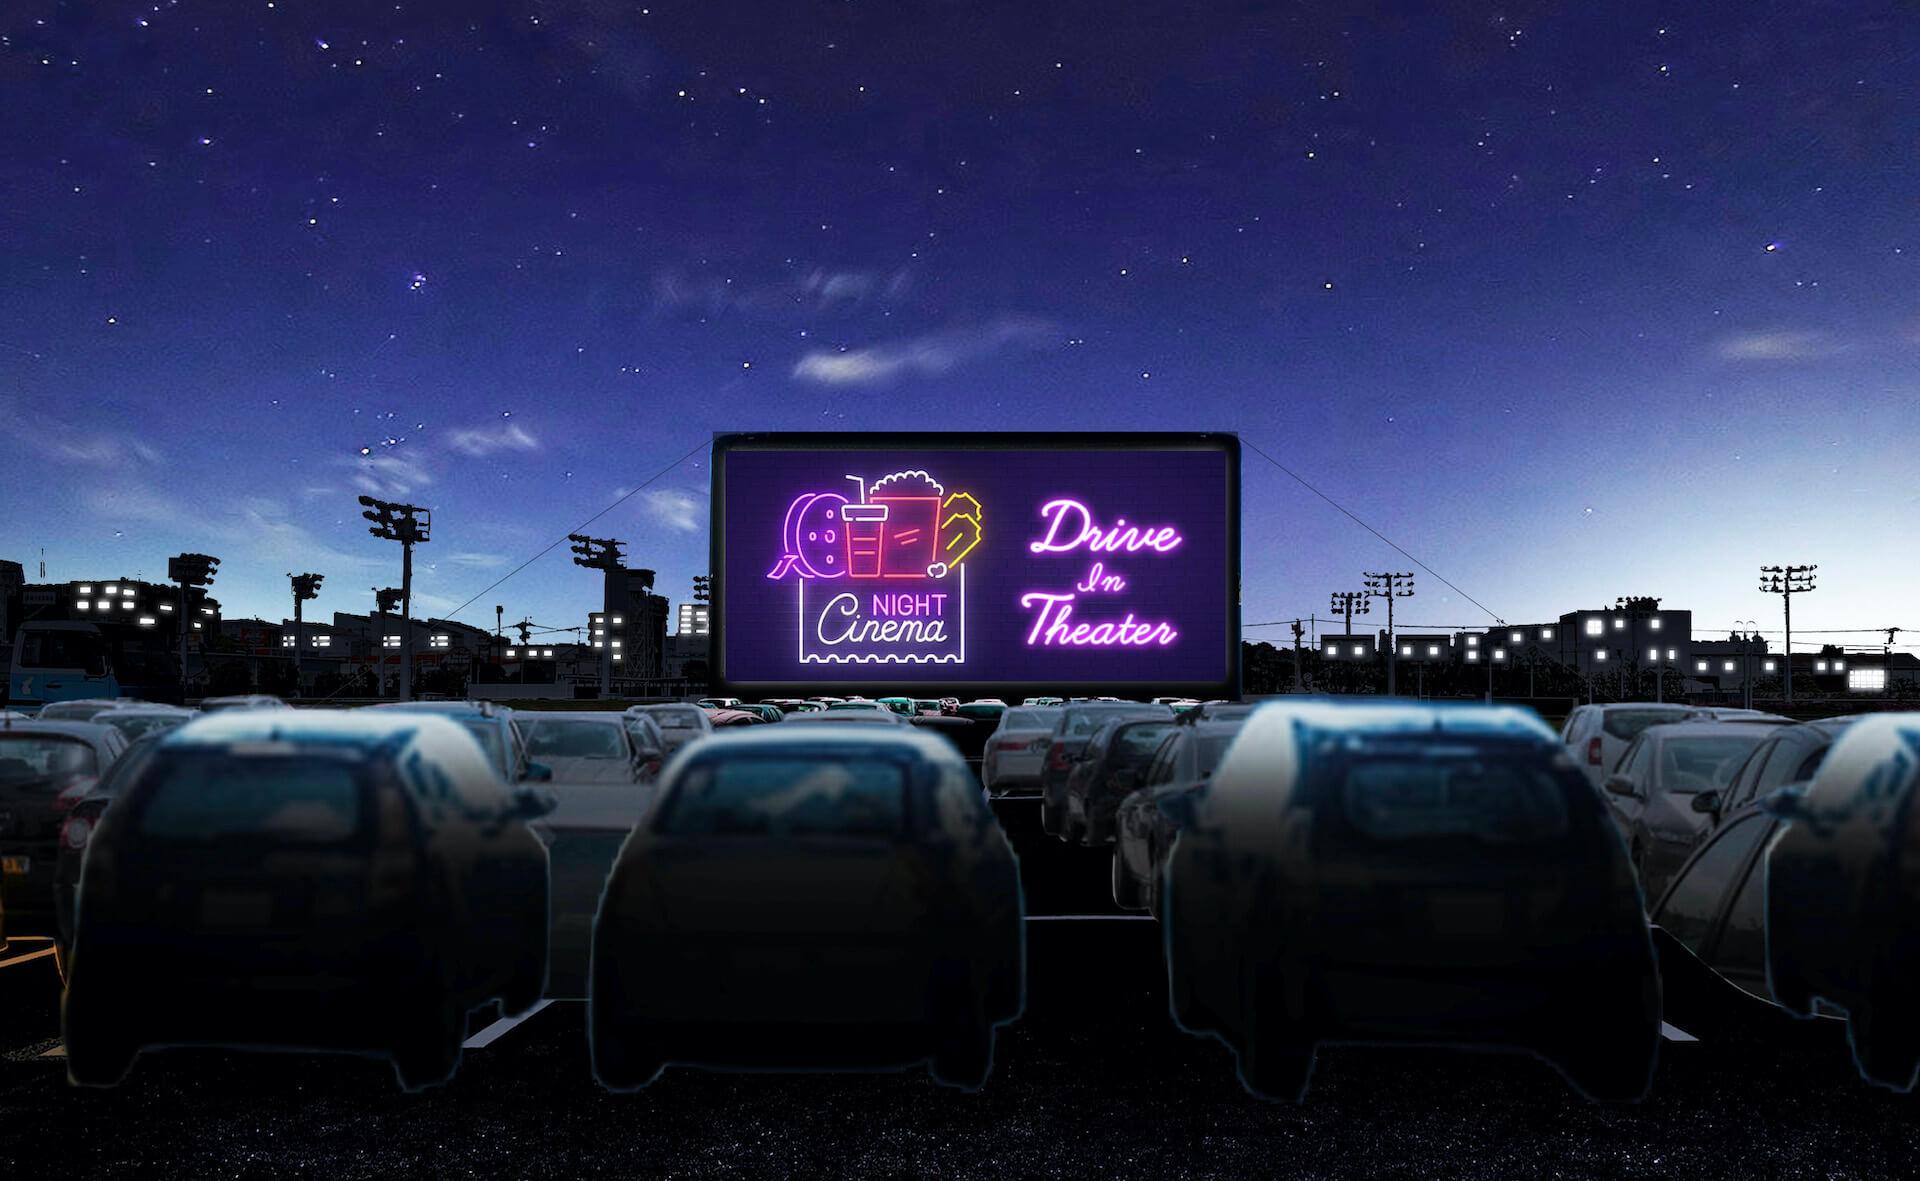 入場無料のドライブイン・シアターがイオンモール幕張新都心で開催!『SING/シング』『バーレスク』が上映 film200528_driveintheater_01